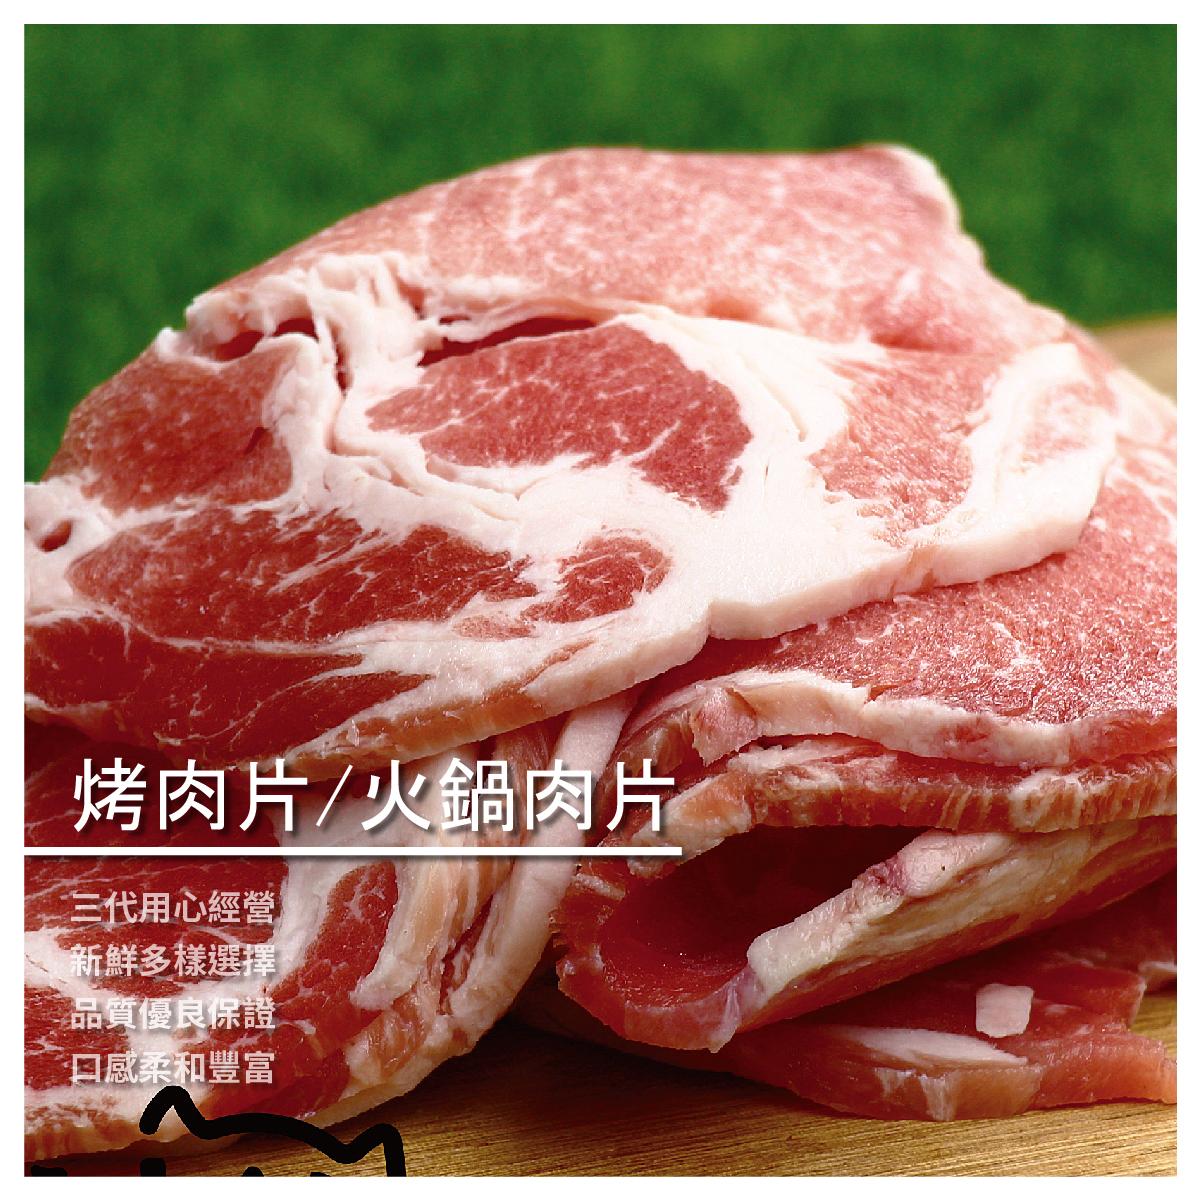 【良犬肉舖】嚴選梅花豬烤肉片/火鍋肉片/600g/包